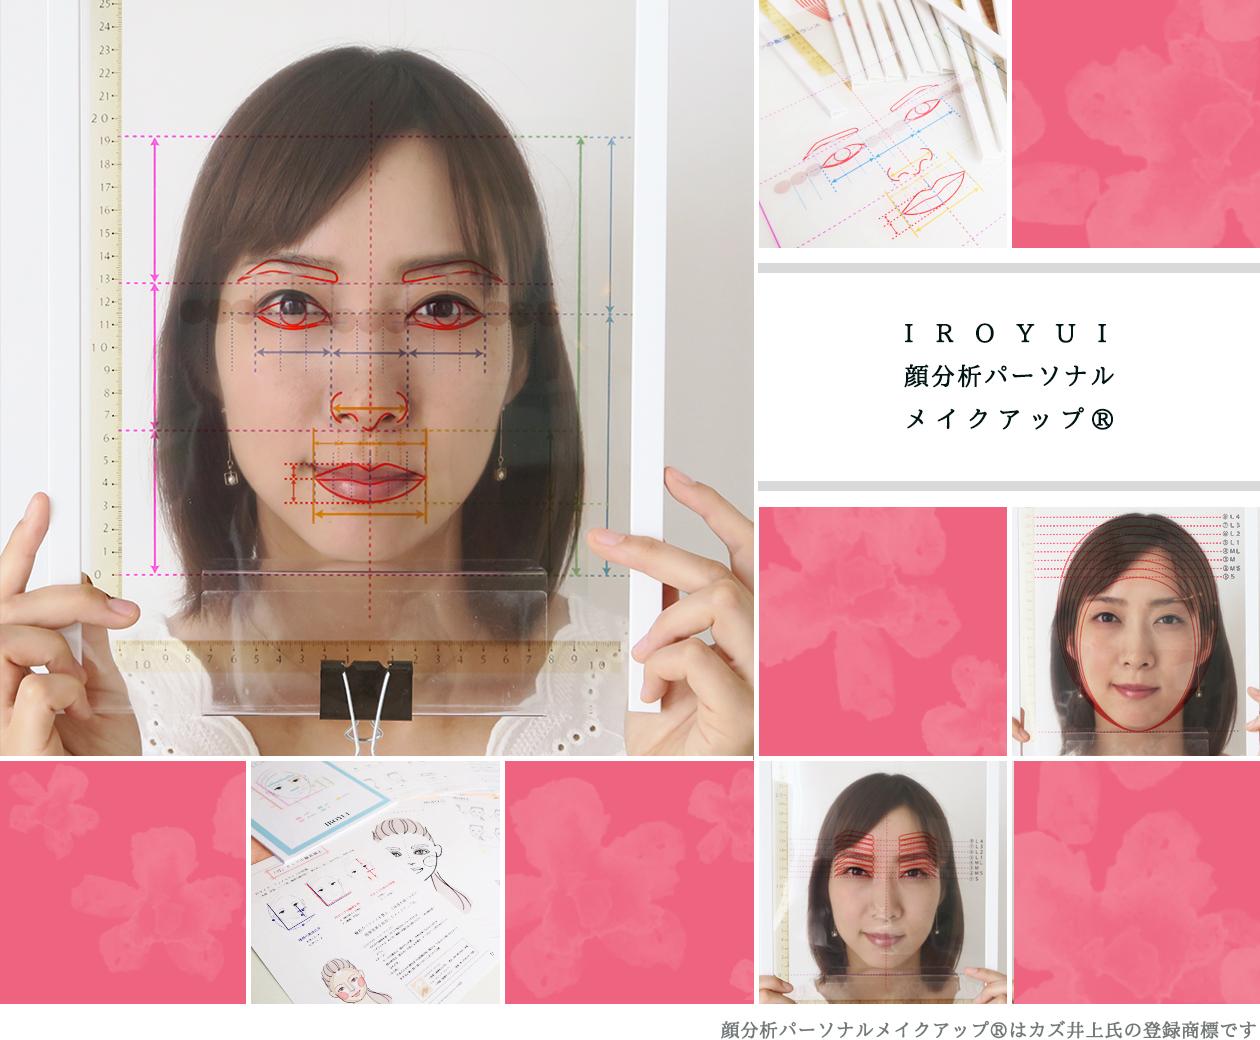 顔分析メイクアップレッスン顔タイプ診断